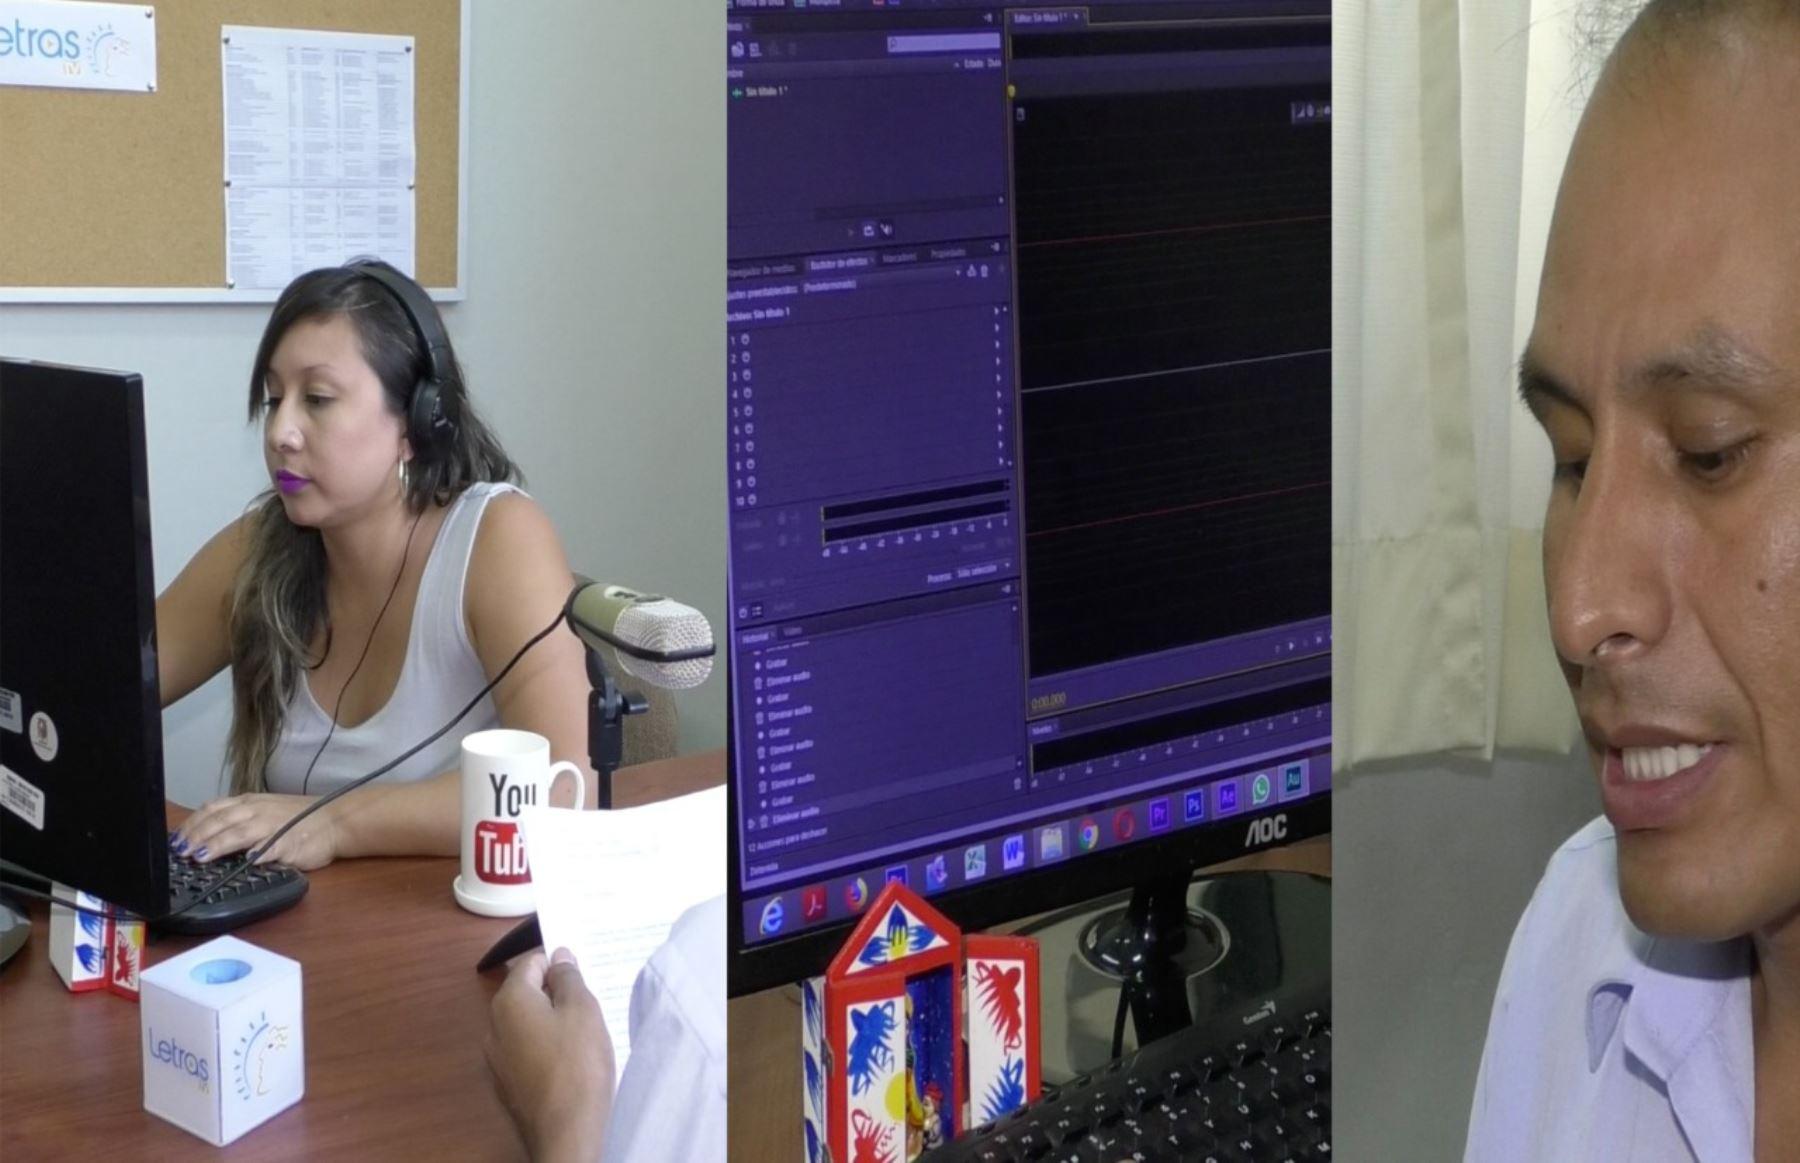 Tres momentos de la producción del micronoticiario. Foto: San Marcos/ANDINA